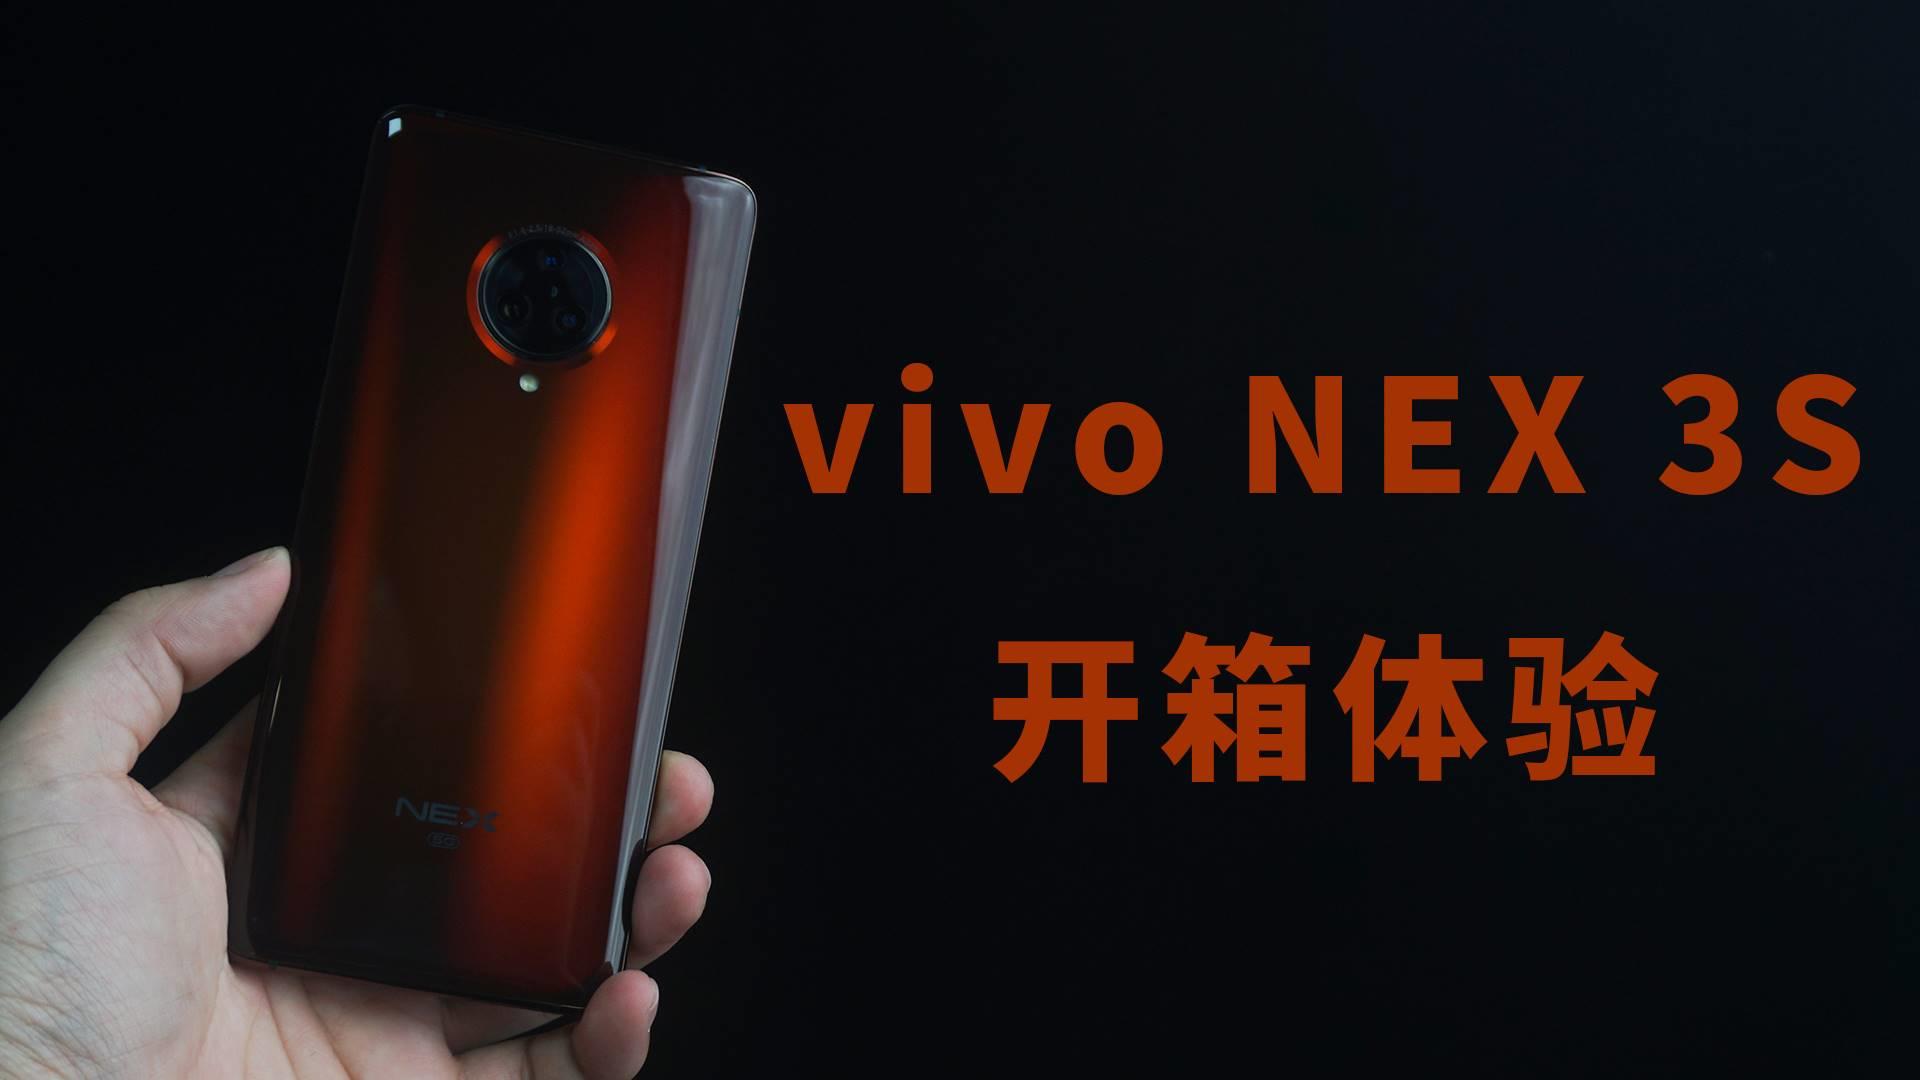 vivo NEX 3S 5G开箱:重点加强核心配置